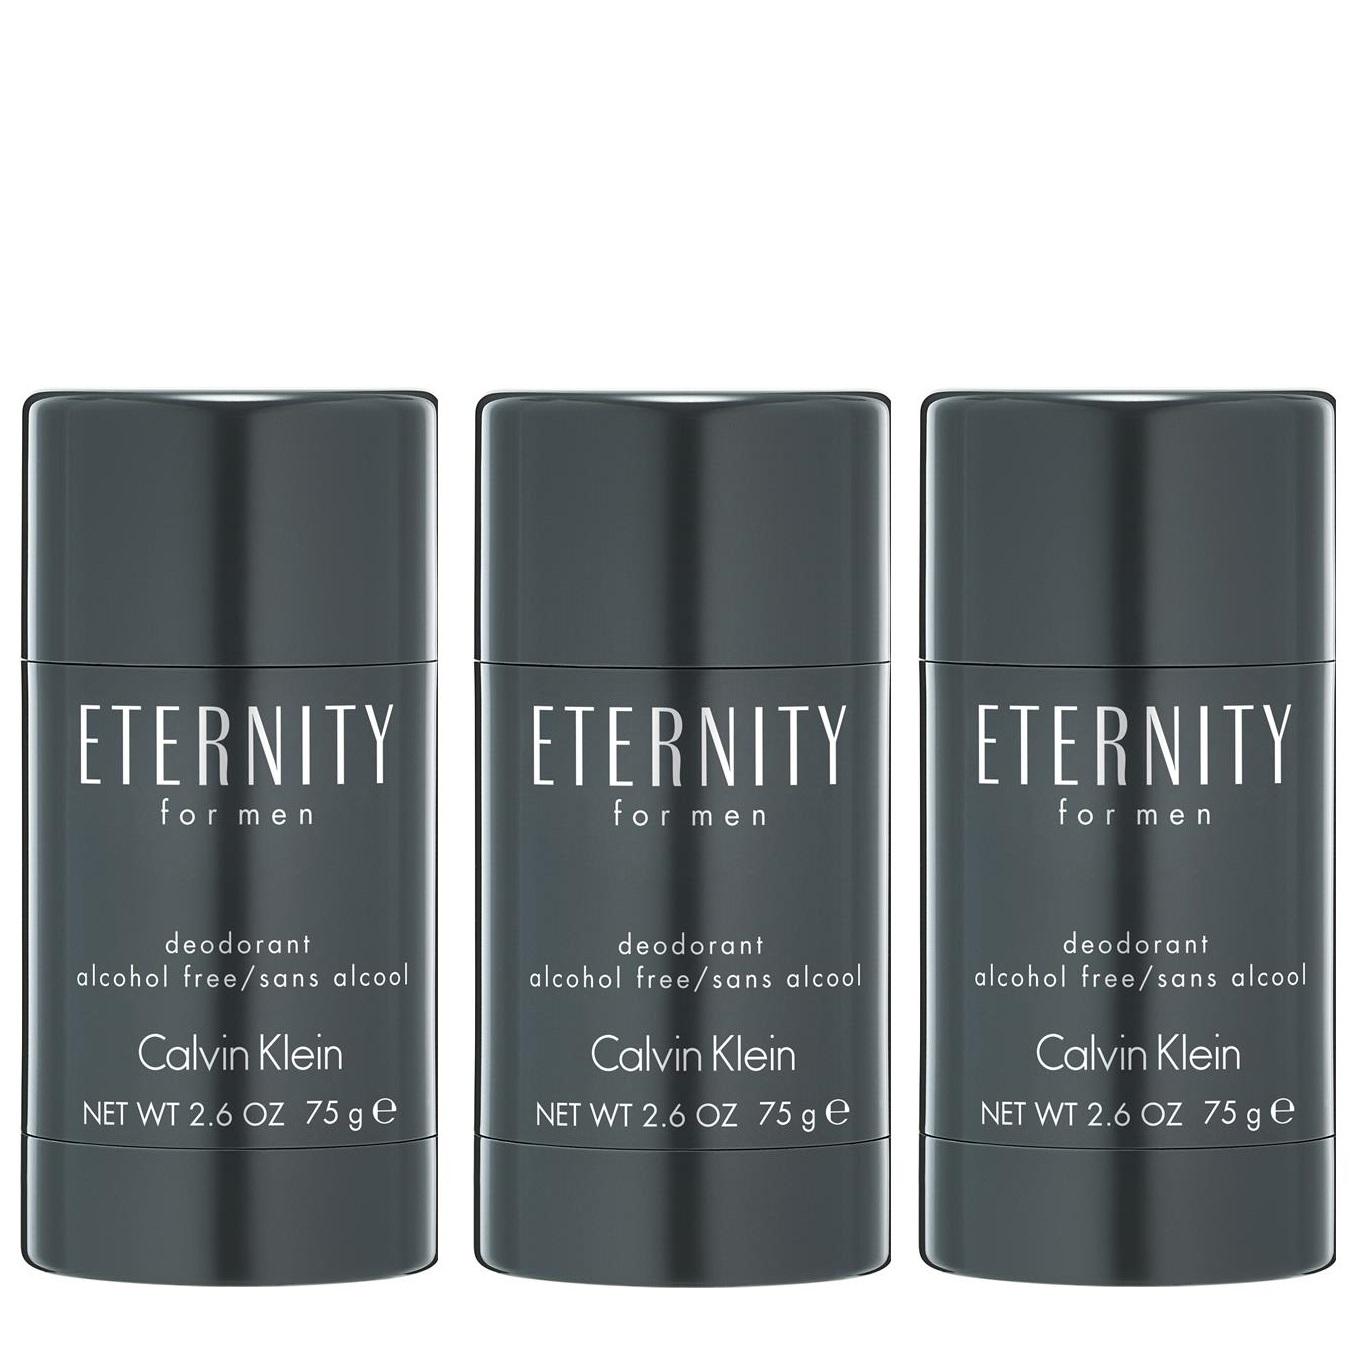 Calvin Klein - 3x Eternity Deodorant Stick for Men